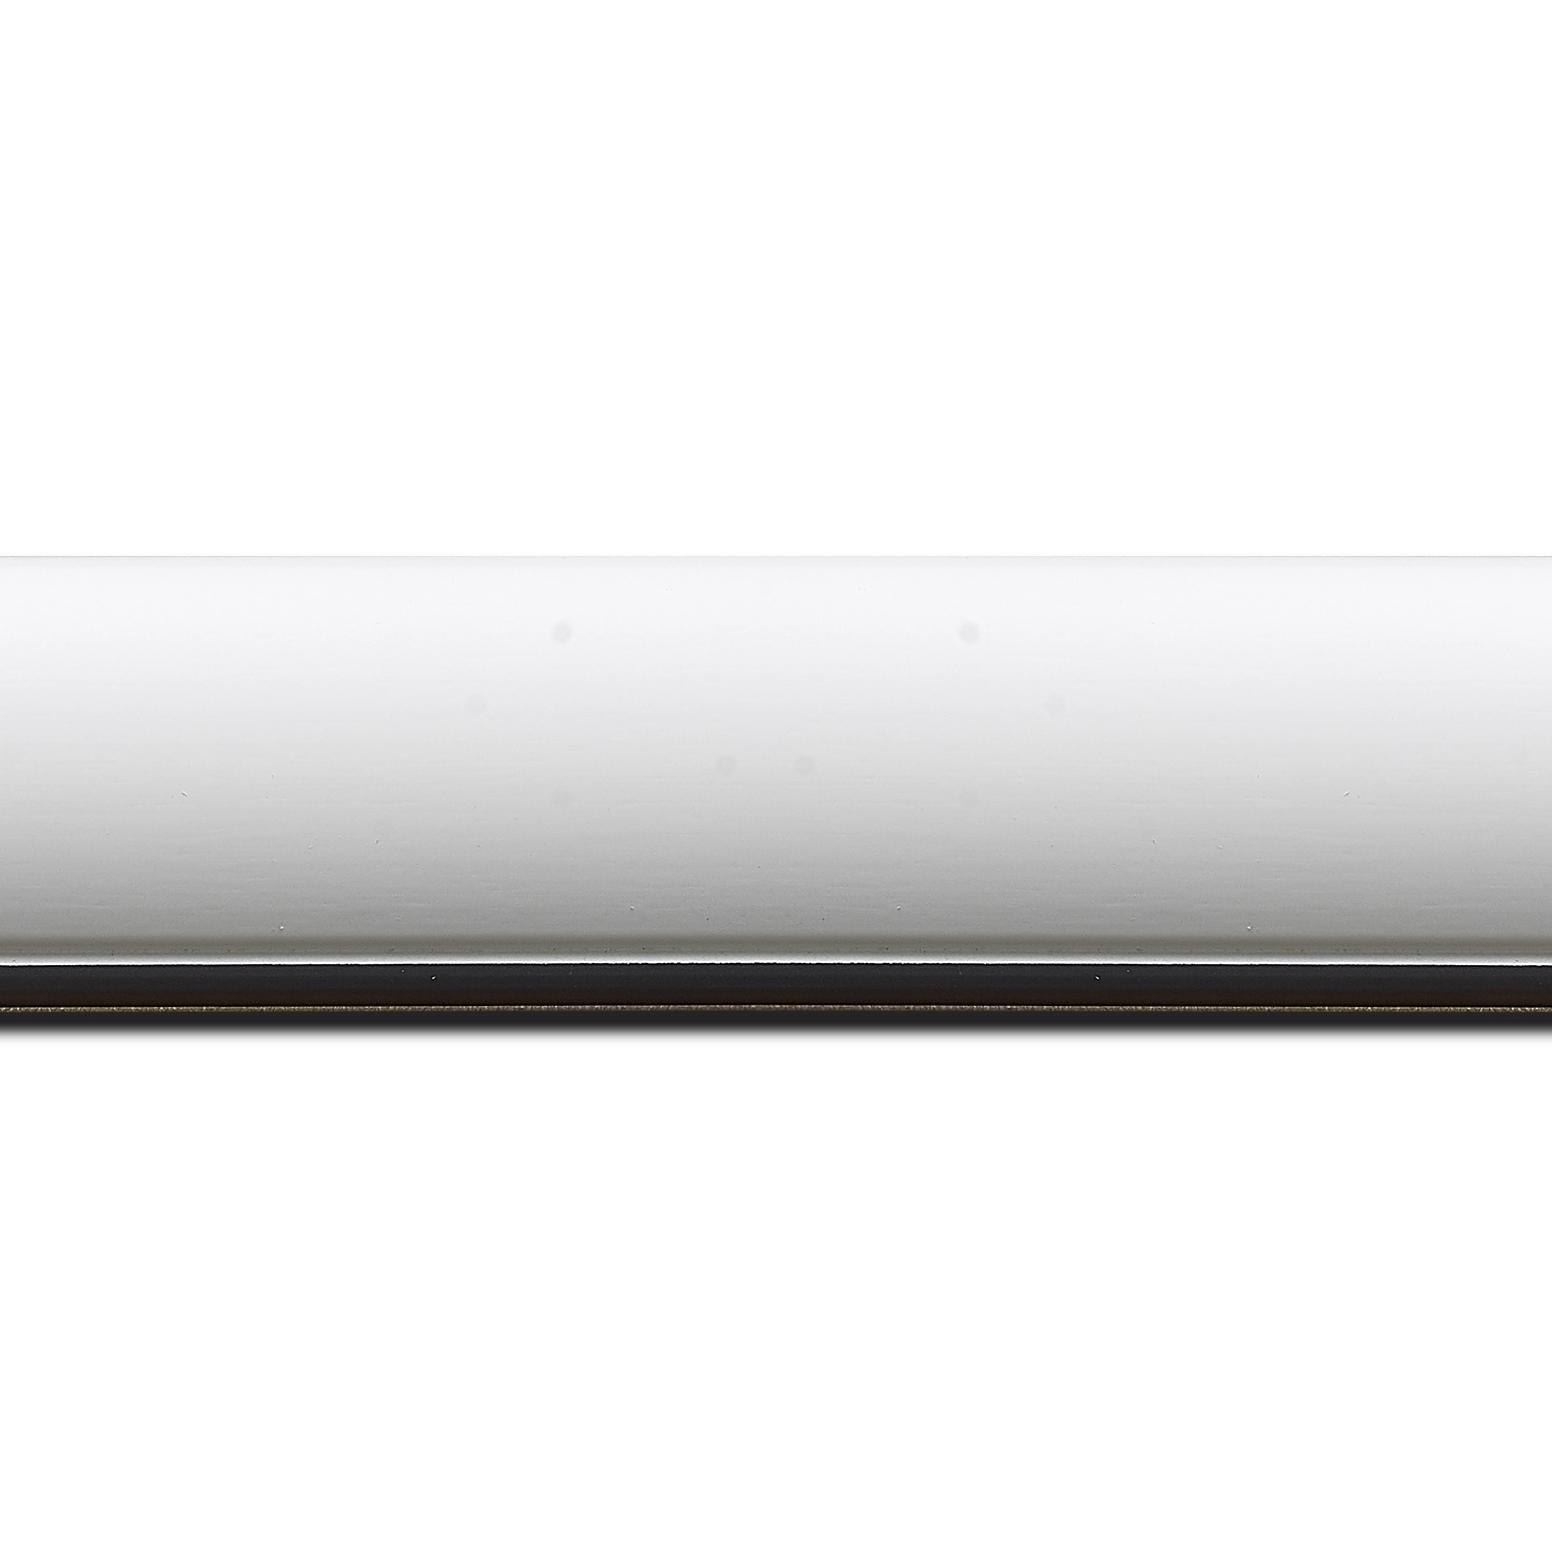 Baguette longueur 1.40m bois profil arrondi largeur 4.7cm couleur blanc mat finition pore bouché filet noir mat